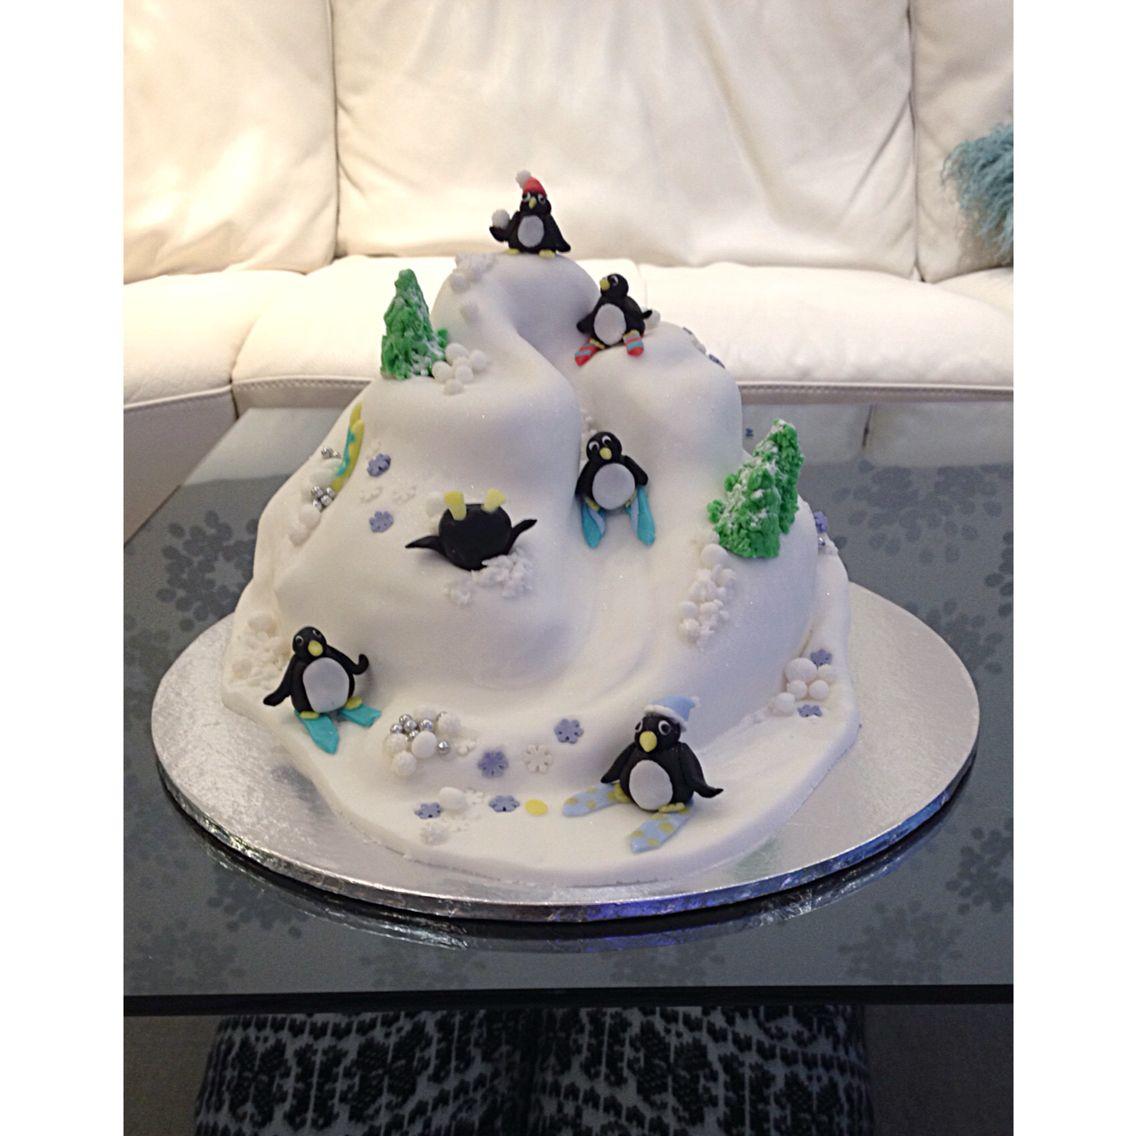 Iceberg Penguin Ski Slope Christmas Cake Cakes Pinterest Cake